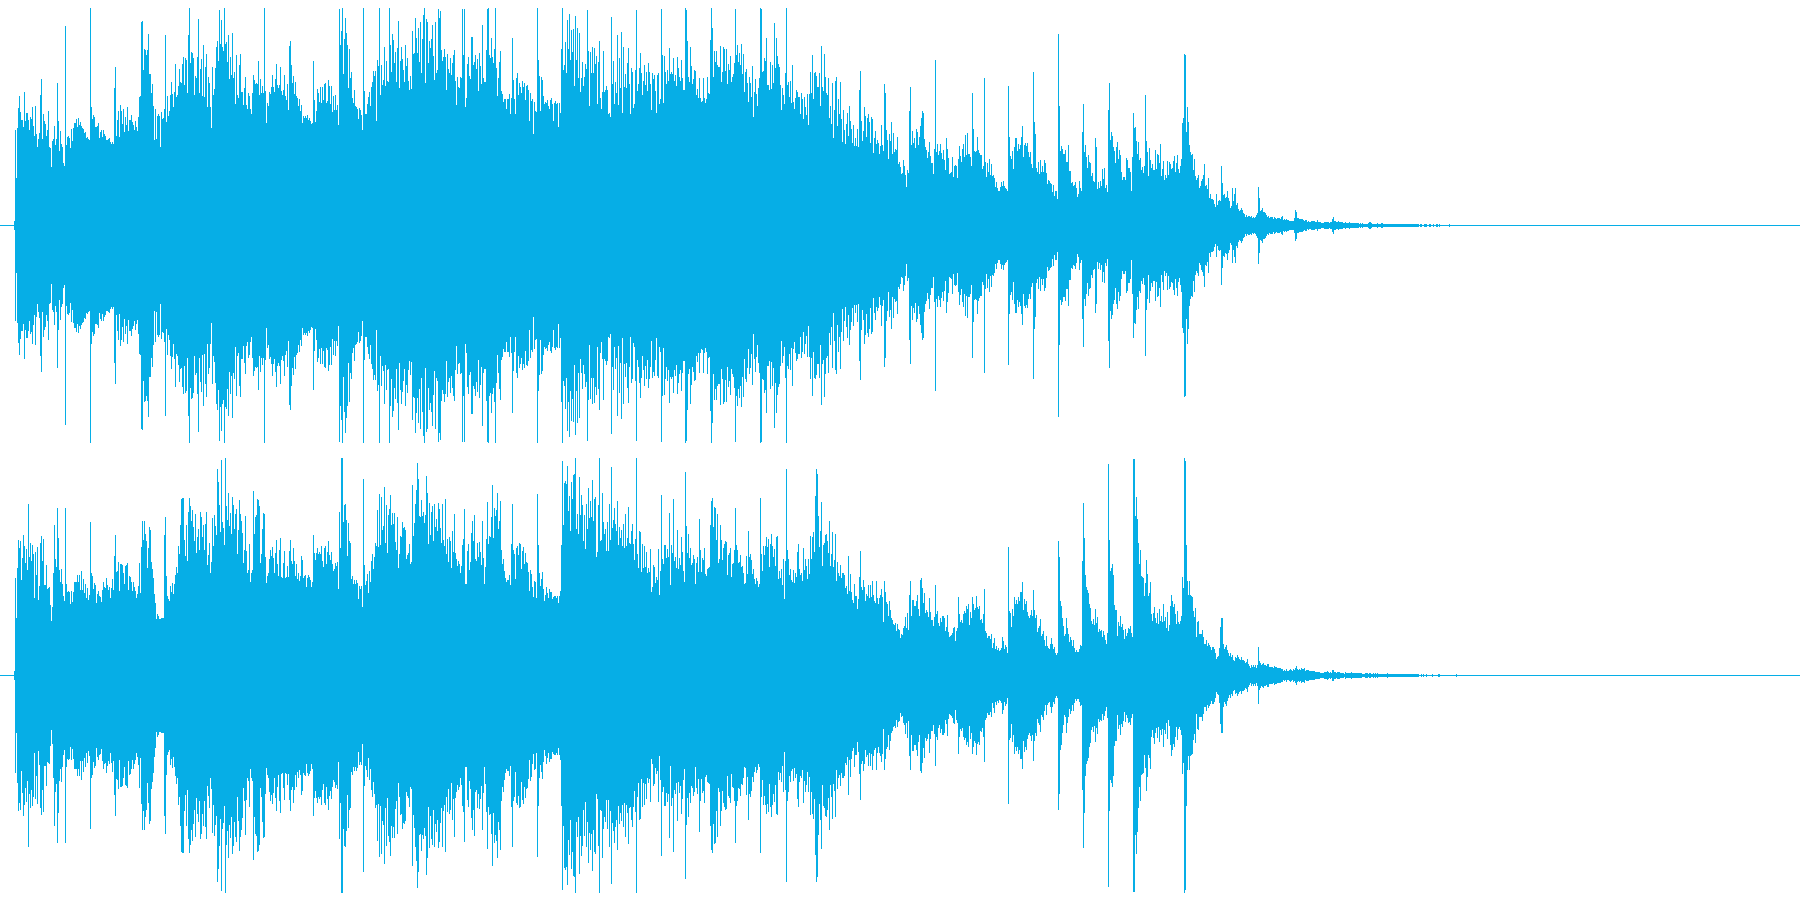 オープニング企業ジングル おしゃれジャズの再生済みの波形